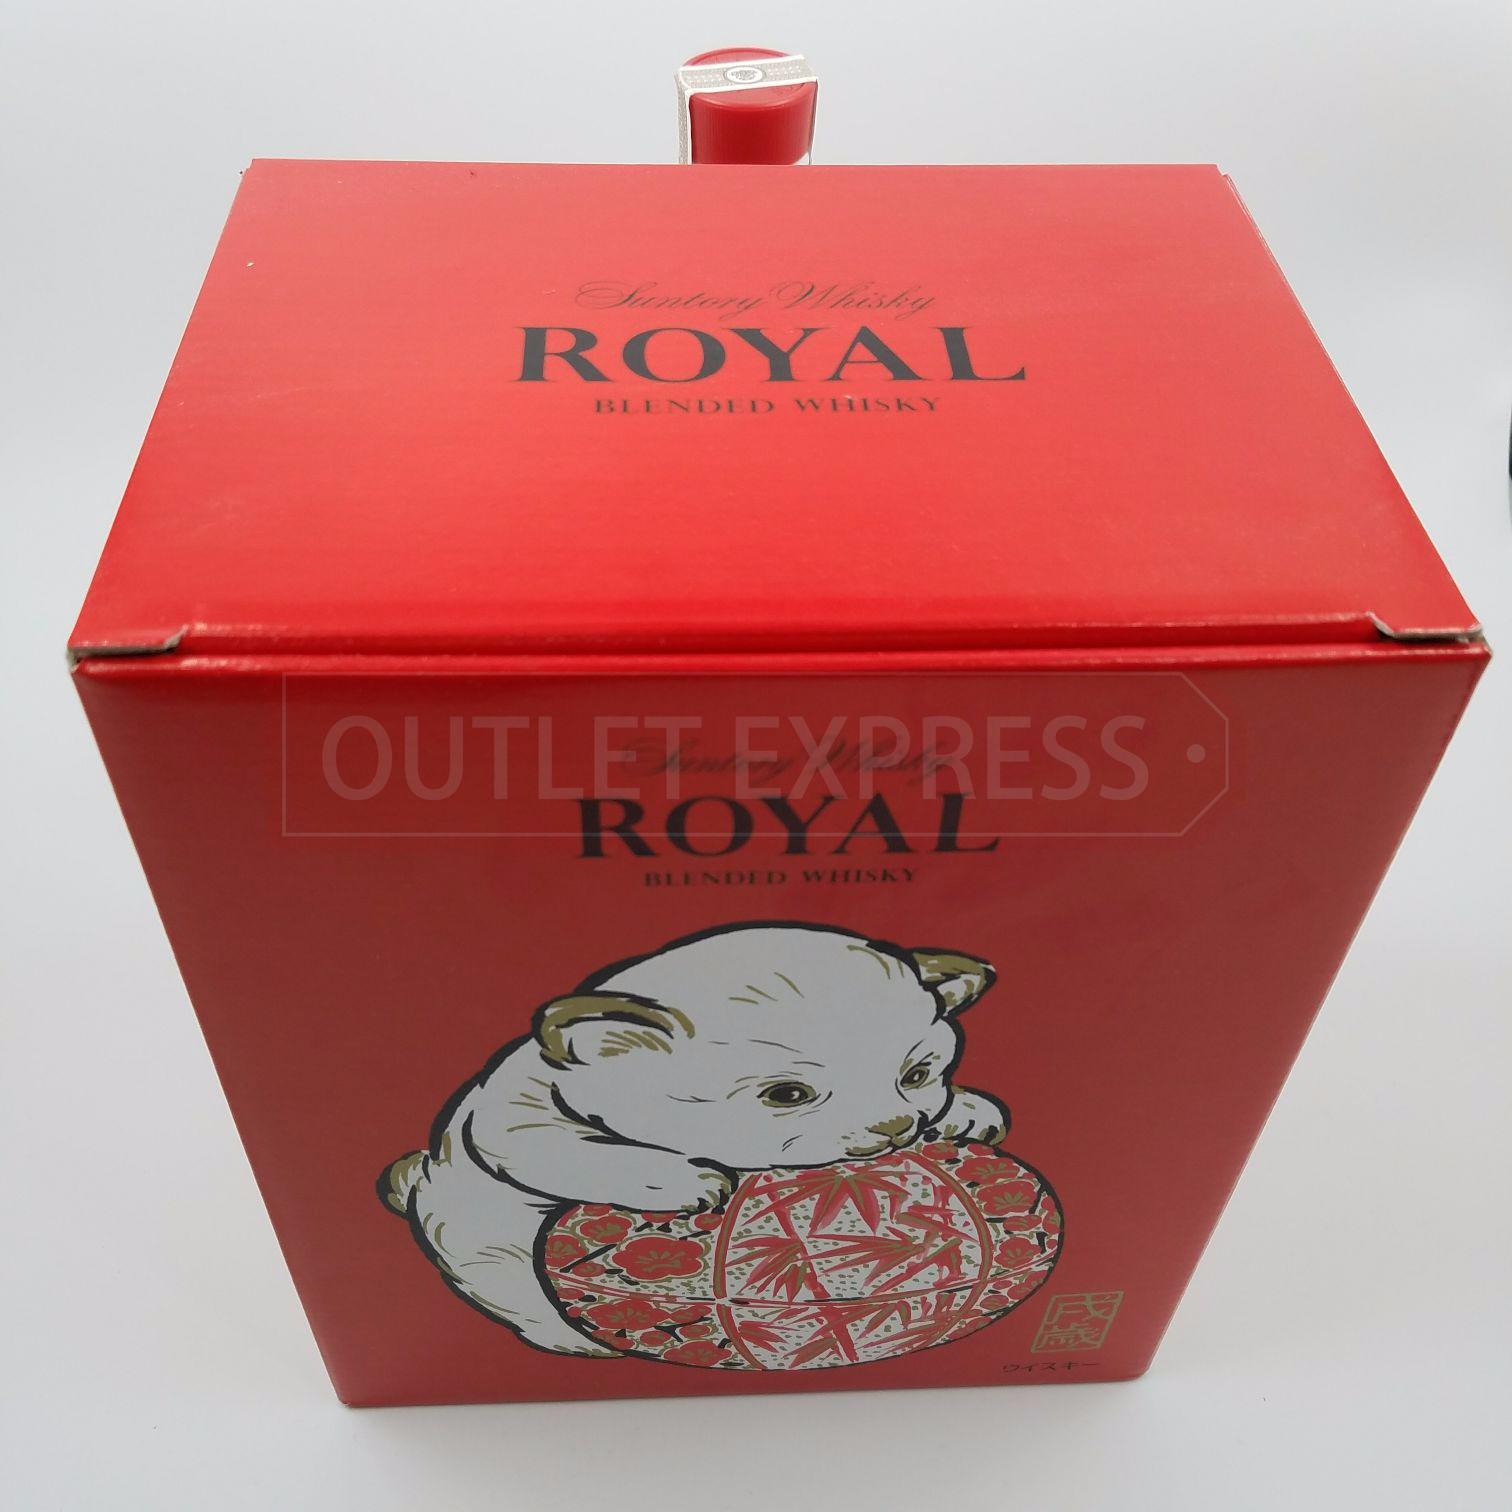 三得利美濃燒陶瓶狗年生肖威士忌 | 生肖酒 包裝盒- Outlet Express HK生活百貨城實拍相片